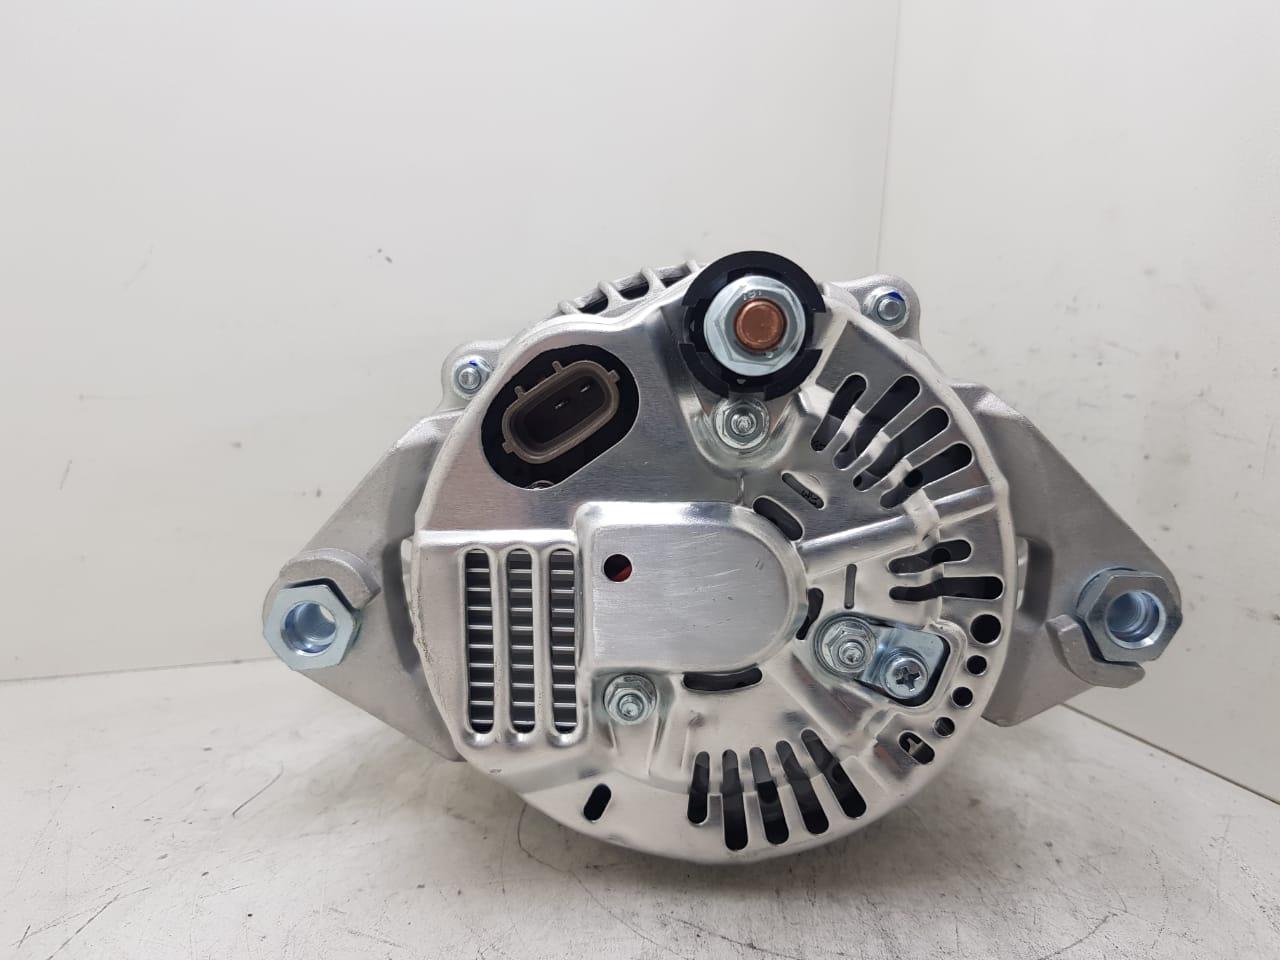 Alternador Hyundai Santa Fé 2.7 Kia Magnents Optima Rondo Denso 14V 130 Amp 11190N 373003E100 021319271 D 10241 AEC21046